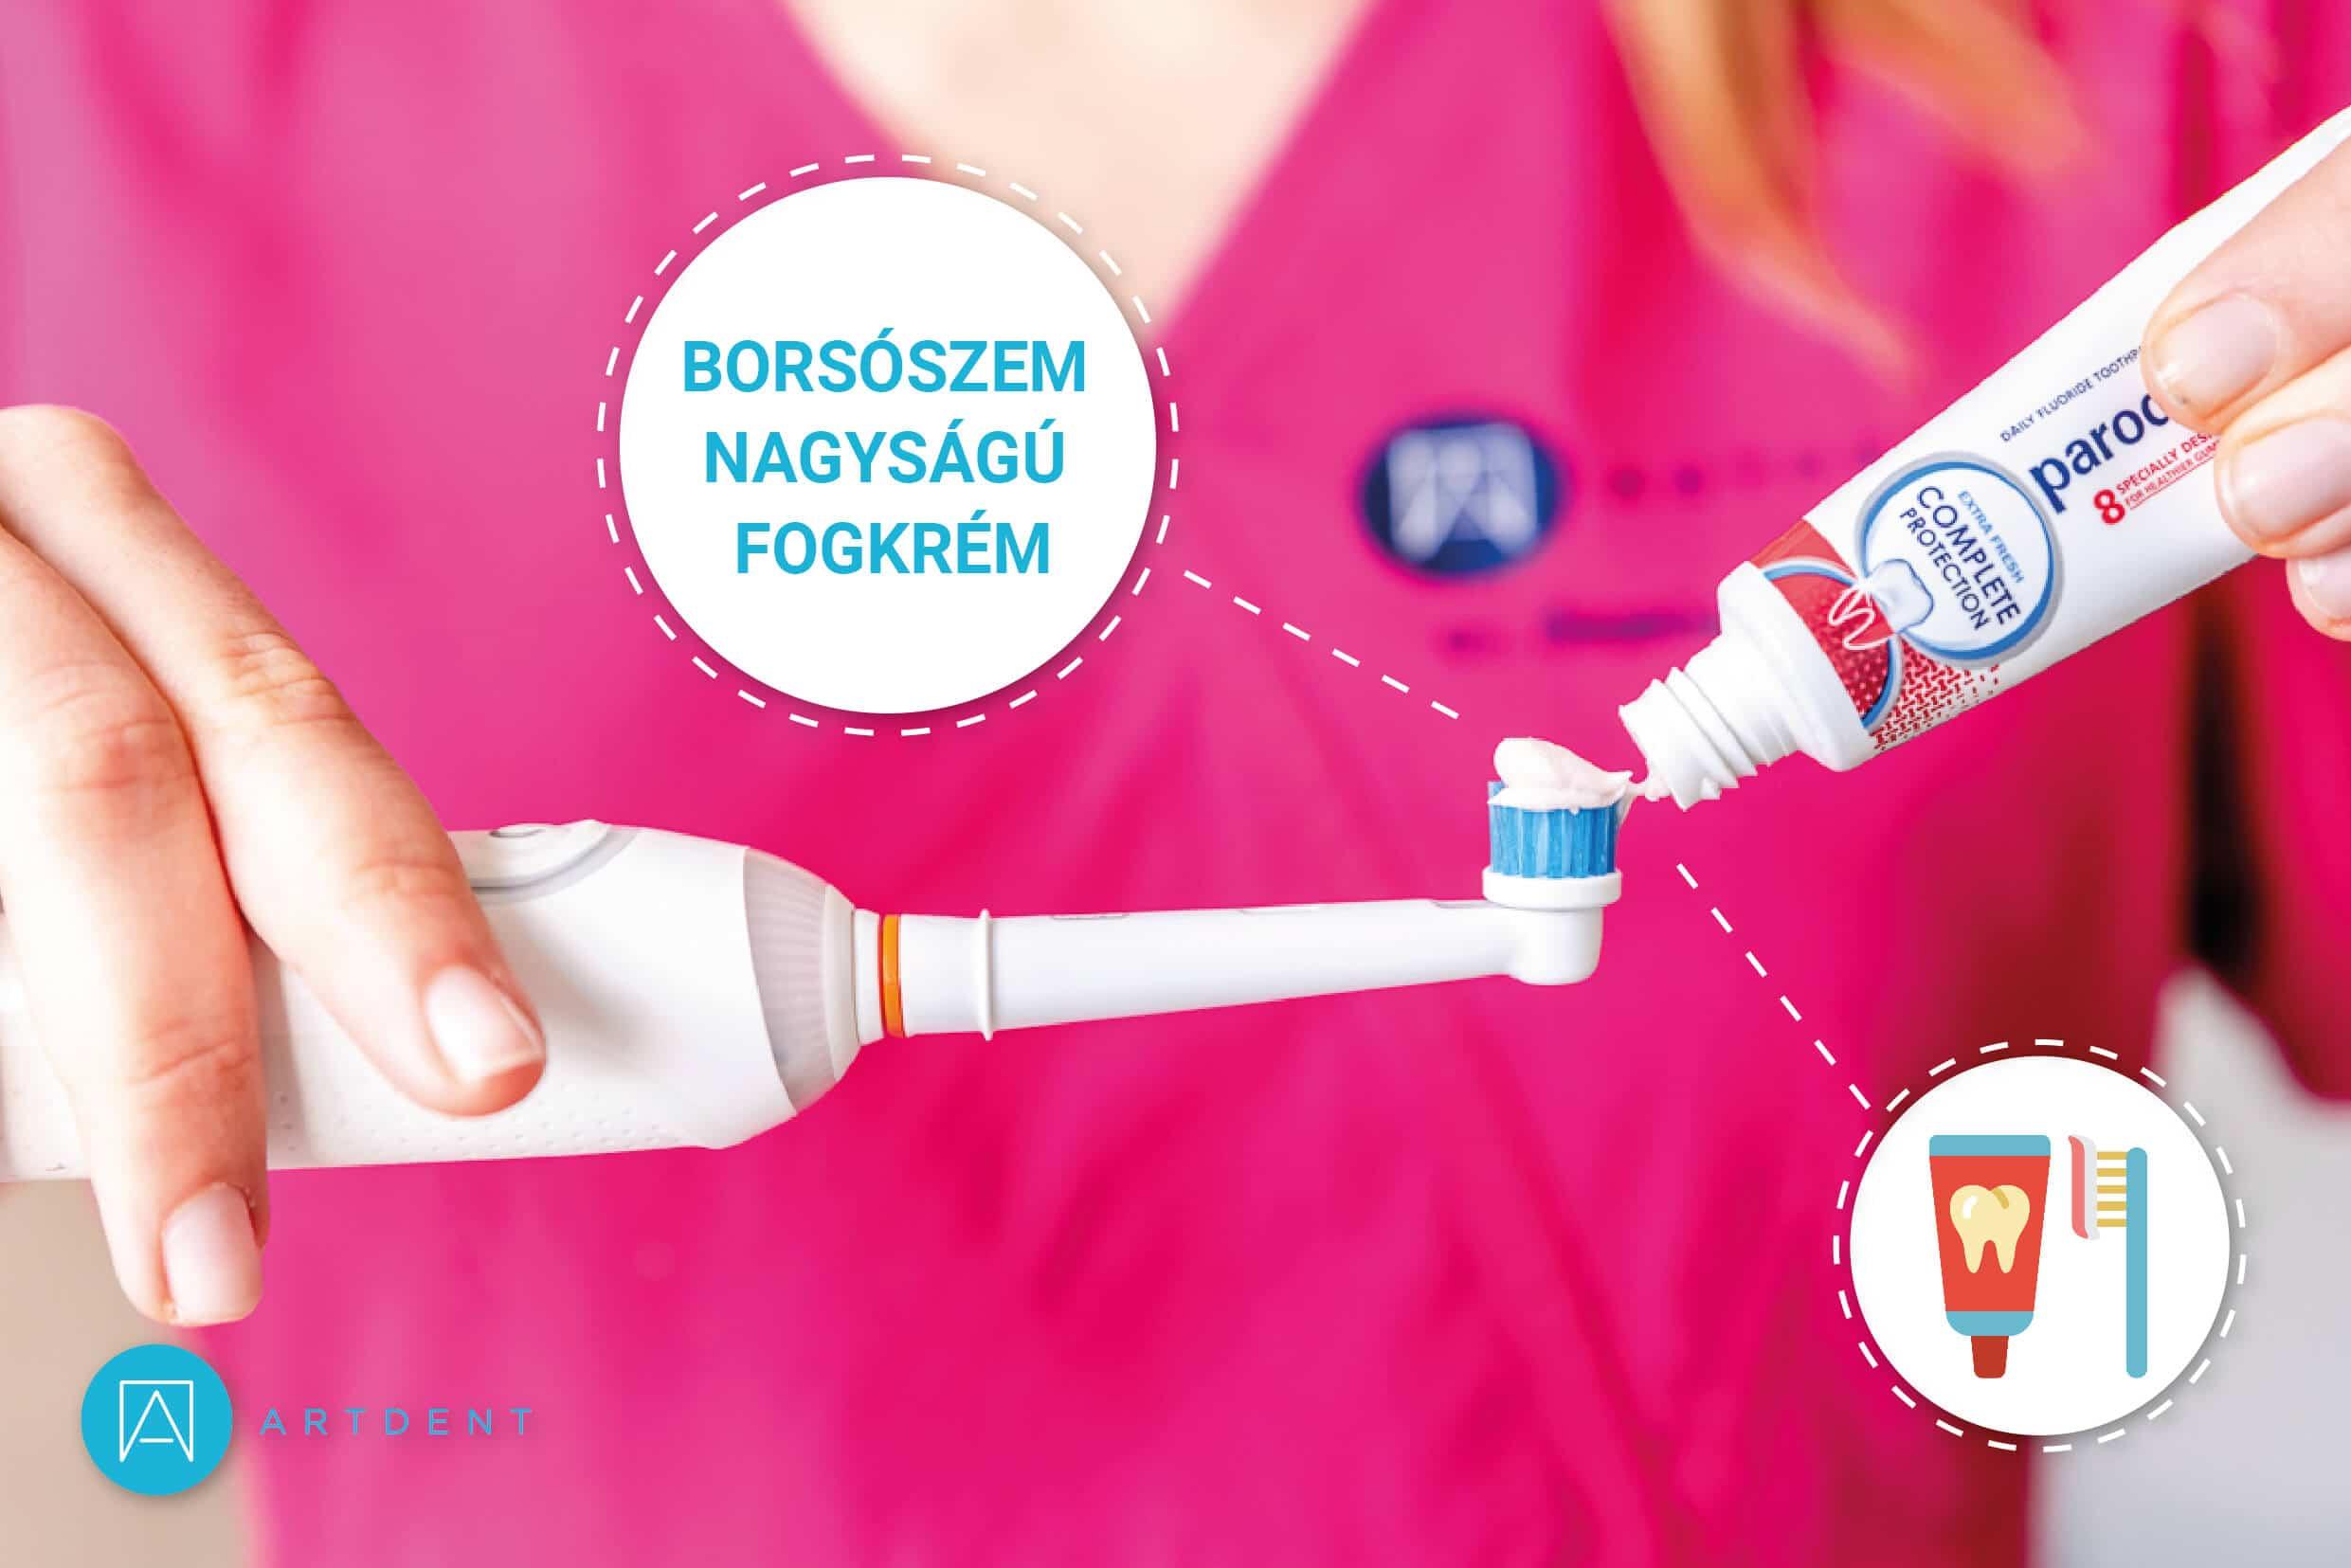 Dr. Ökrös Petra megmutatja, hogy mennyi fogkrémet kell használni fogmosáshoz.